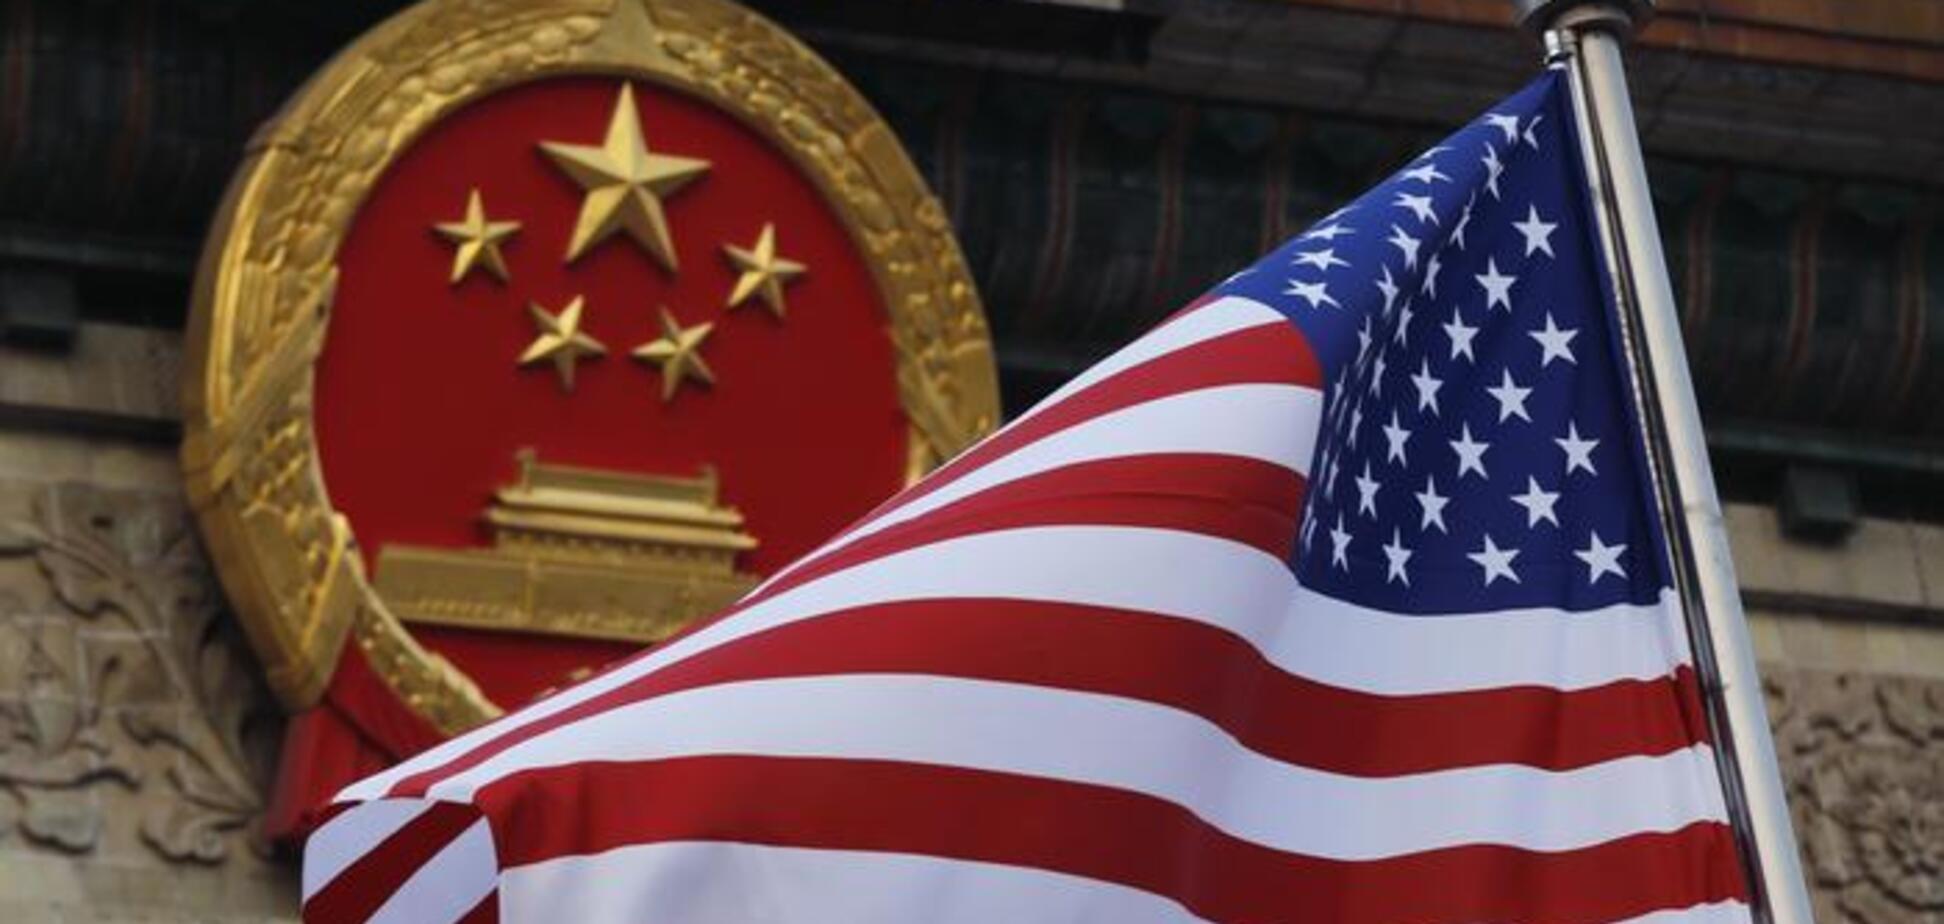 Мир может рухнуть: чем закончится торговая война США и Китая